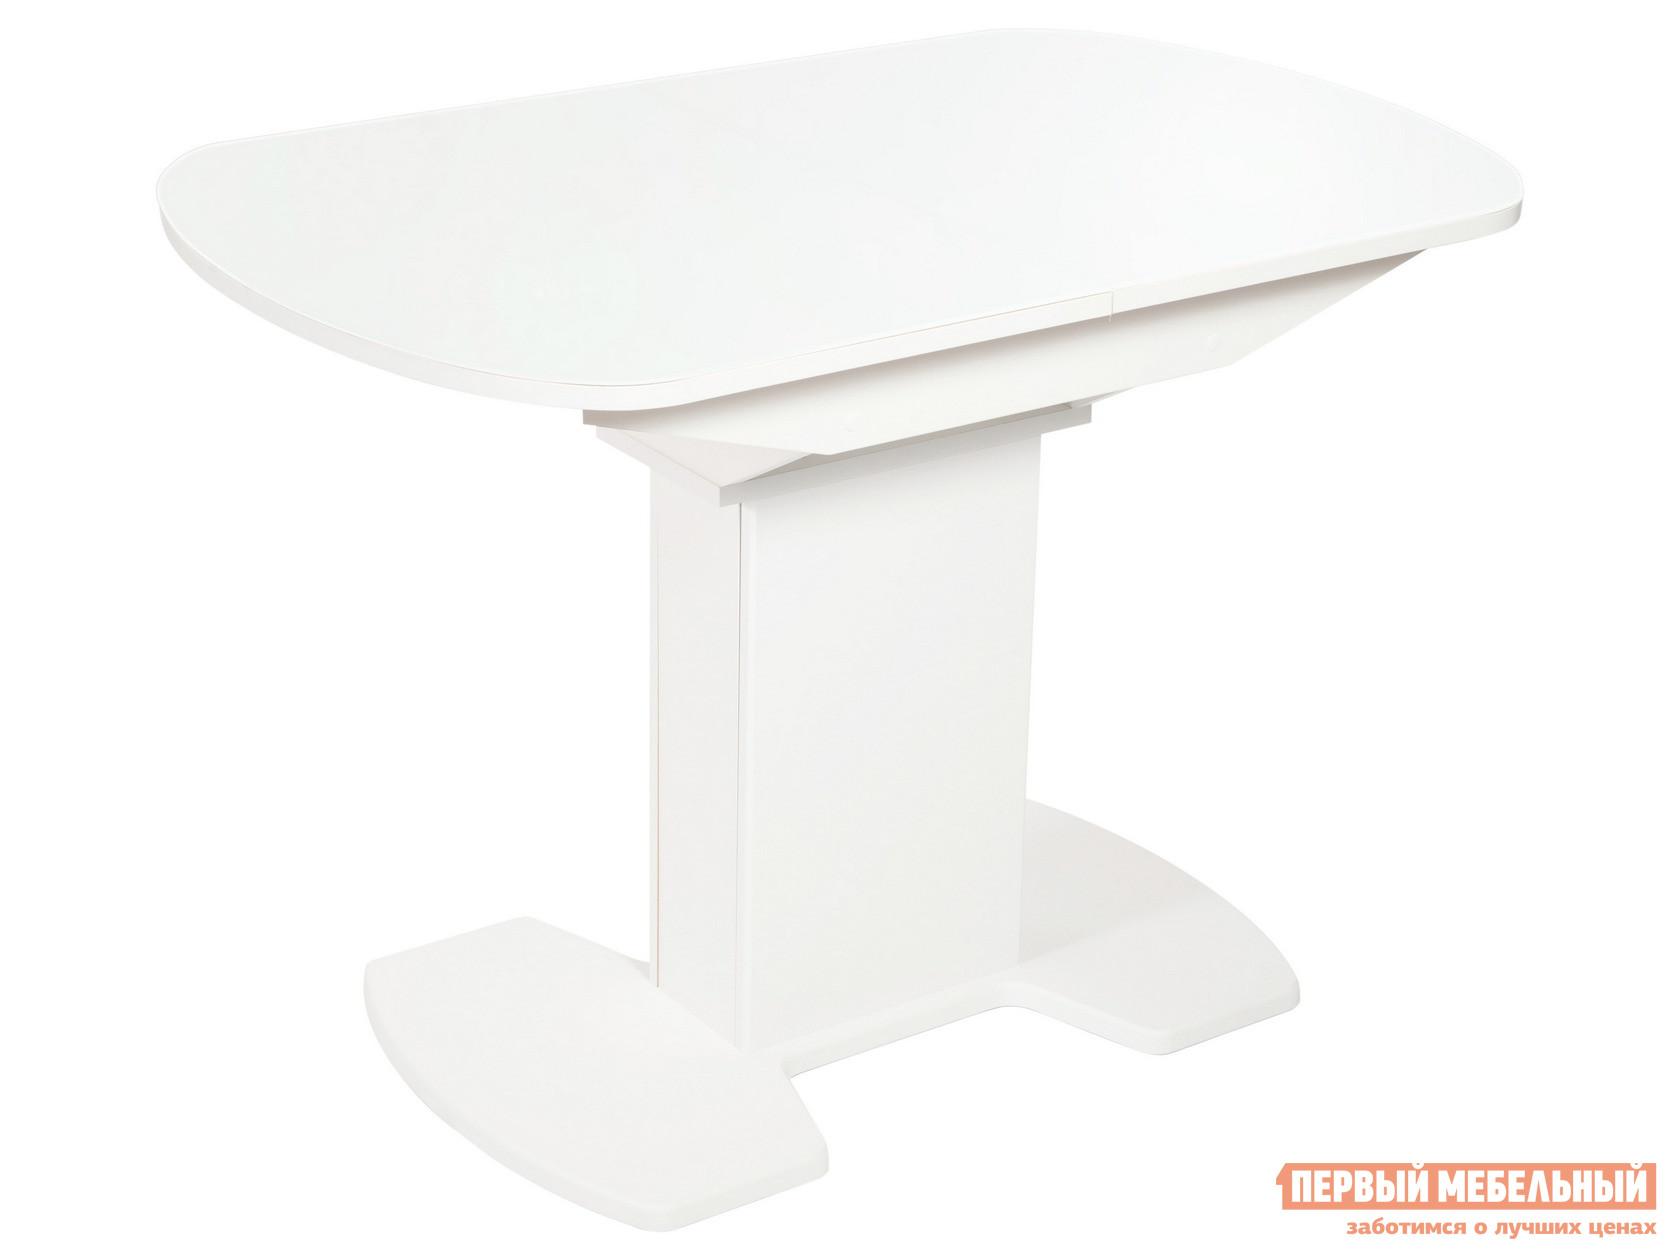 Кухонный стол Первый Мебельный Стол Корсика (110/141,5*70) кухонный гарнитур корсика